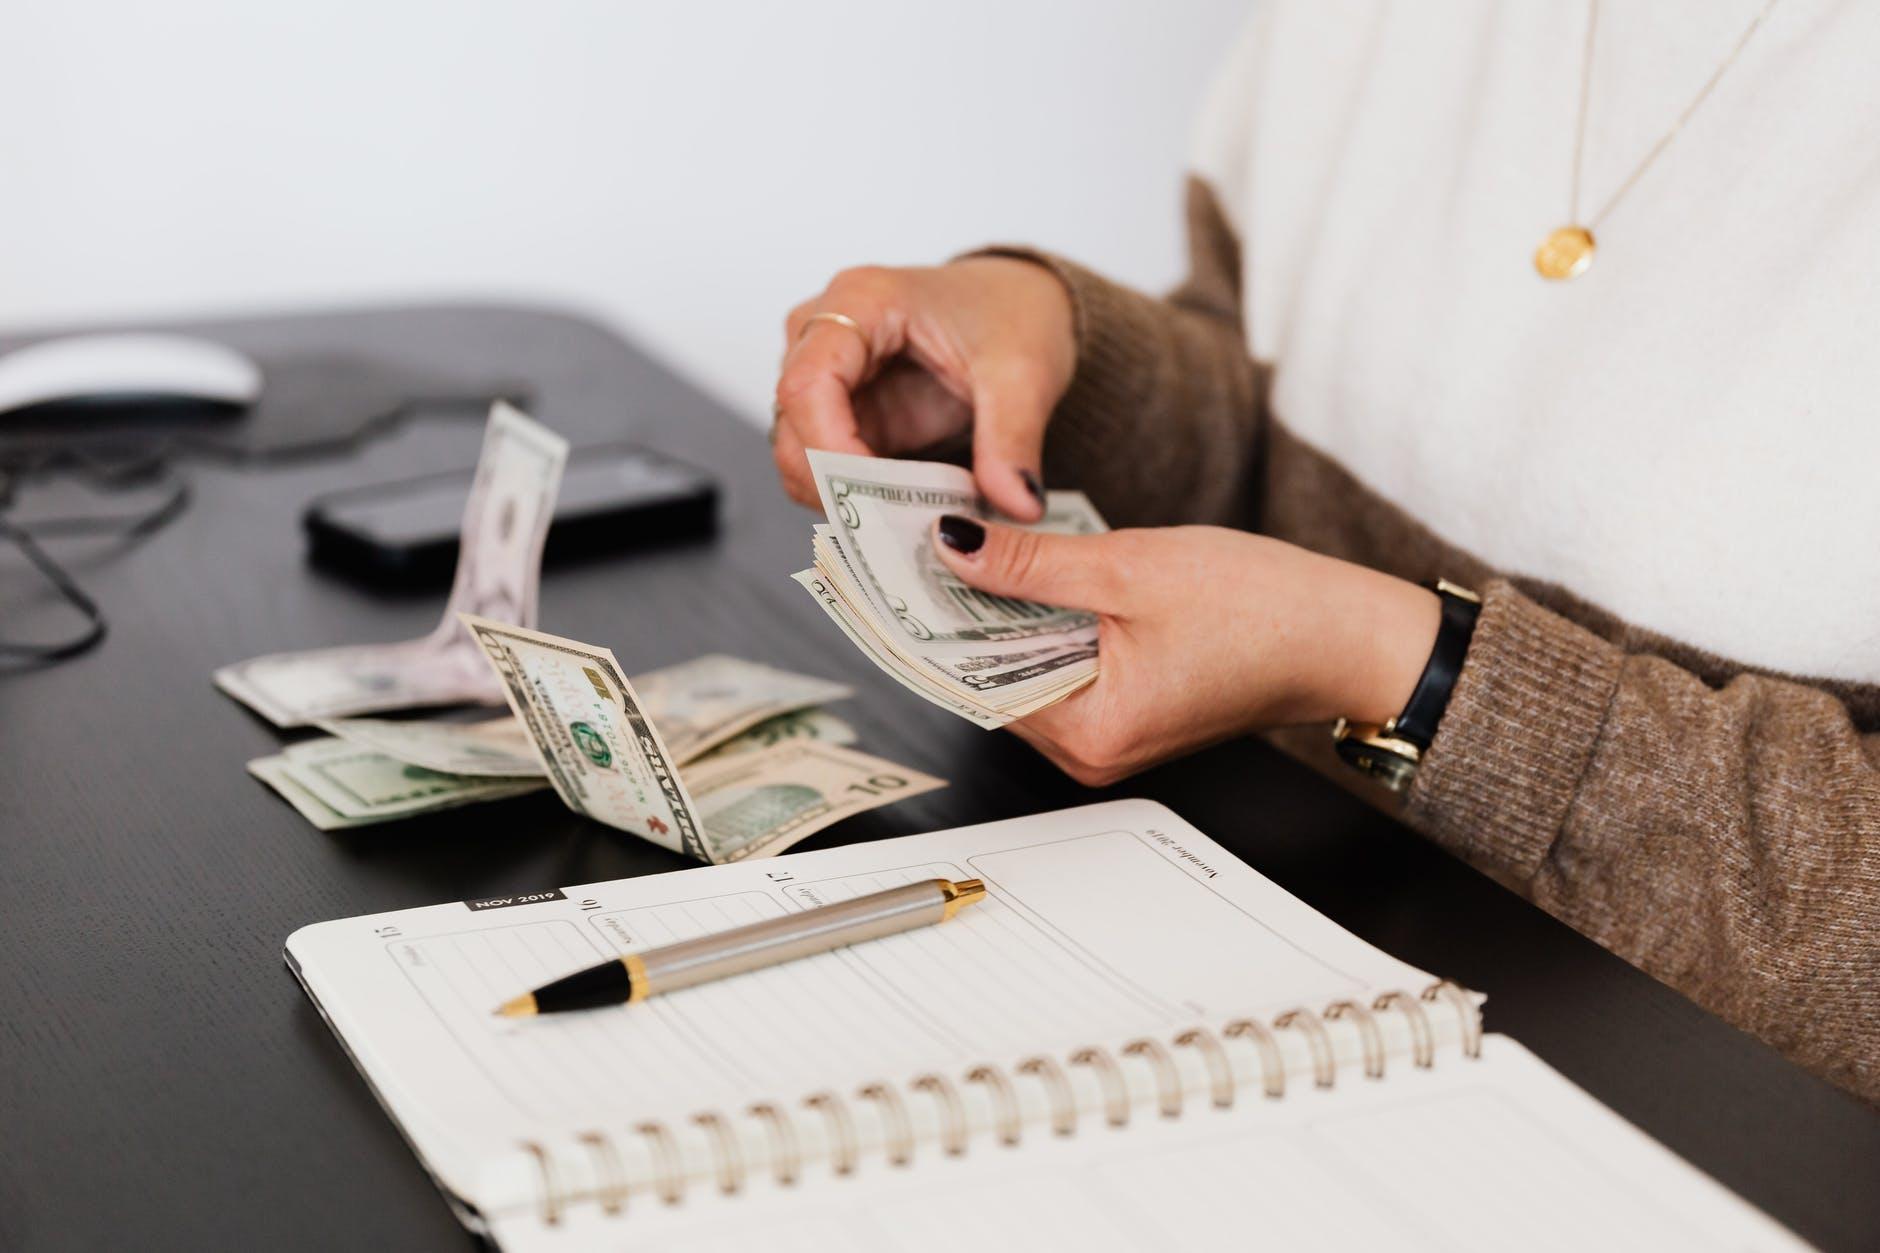 Une femme avec des billets à la main sur un bureau